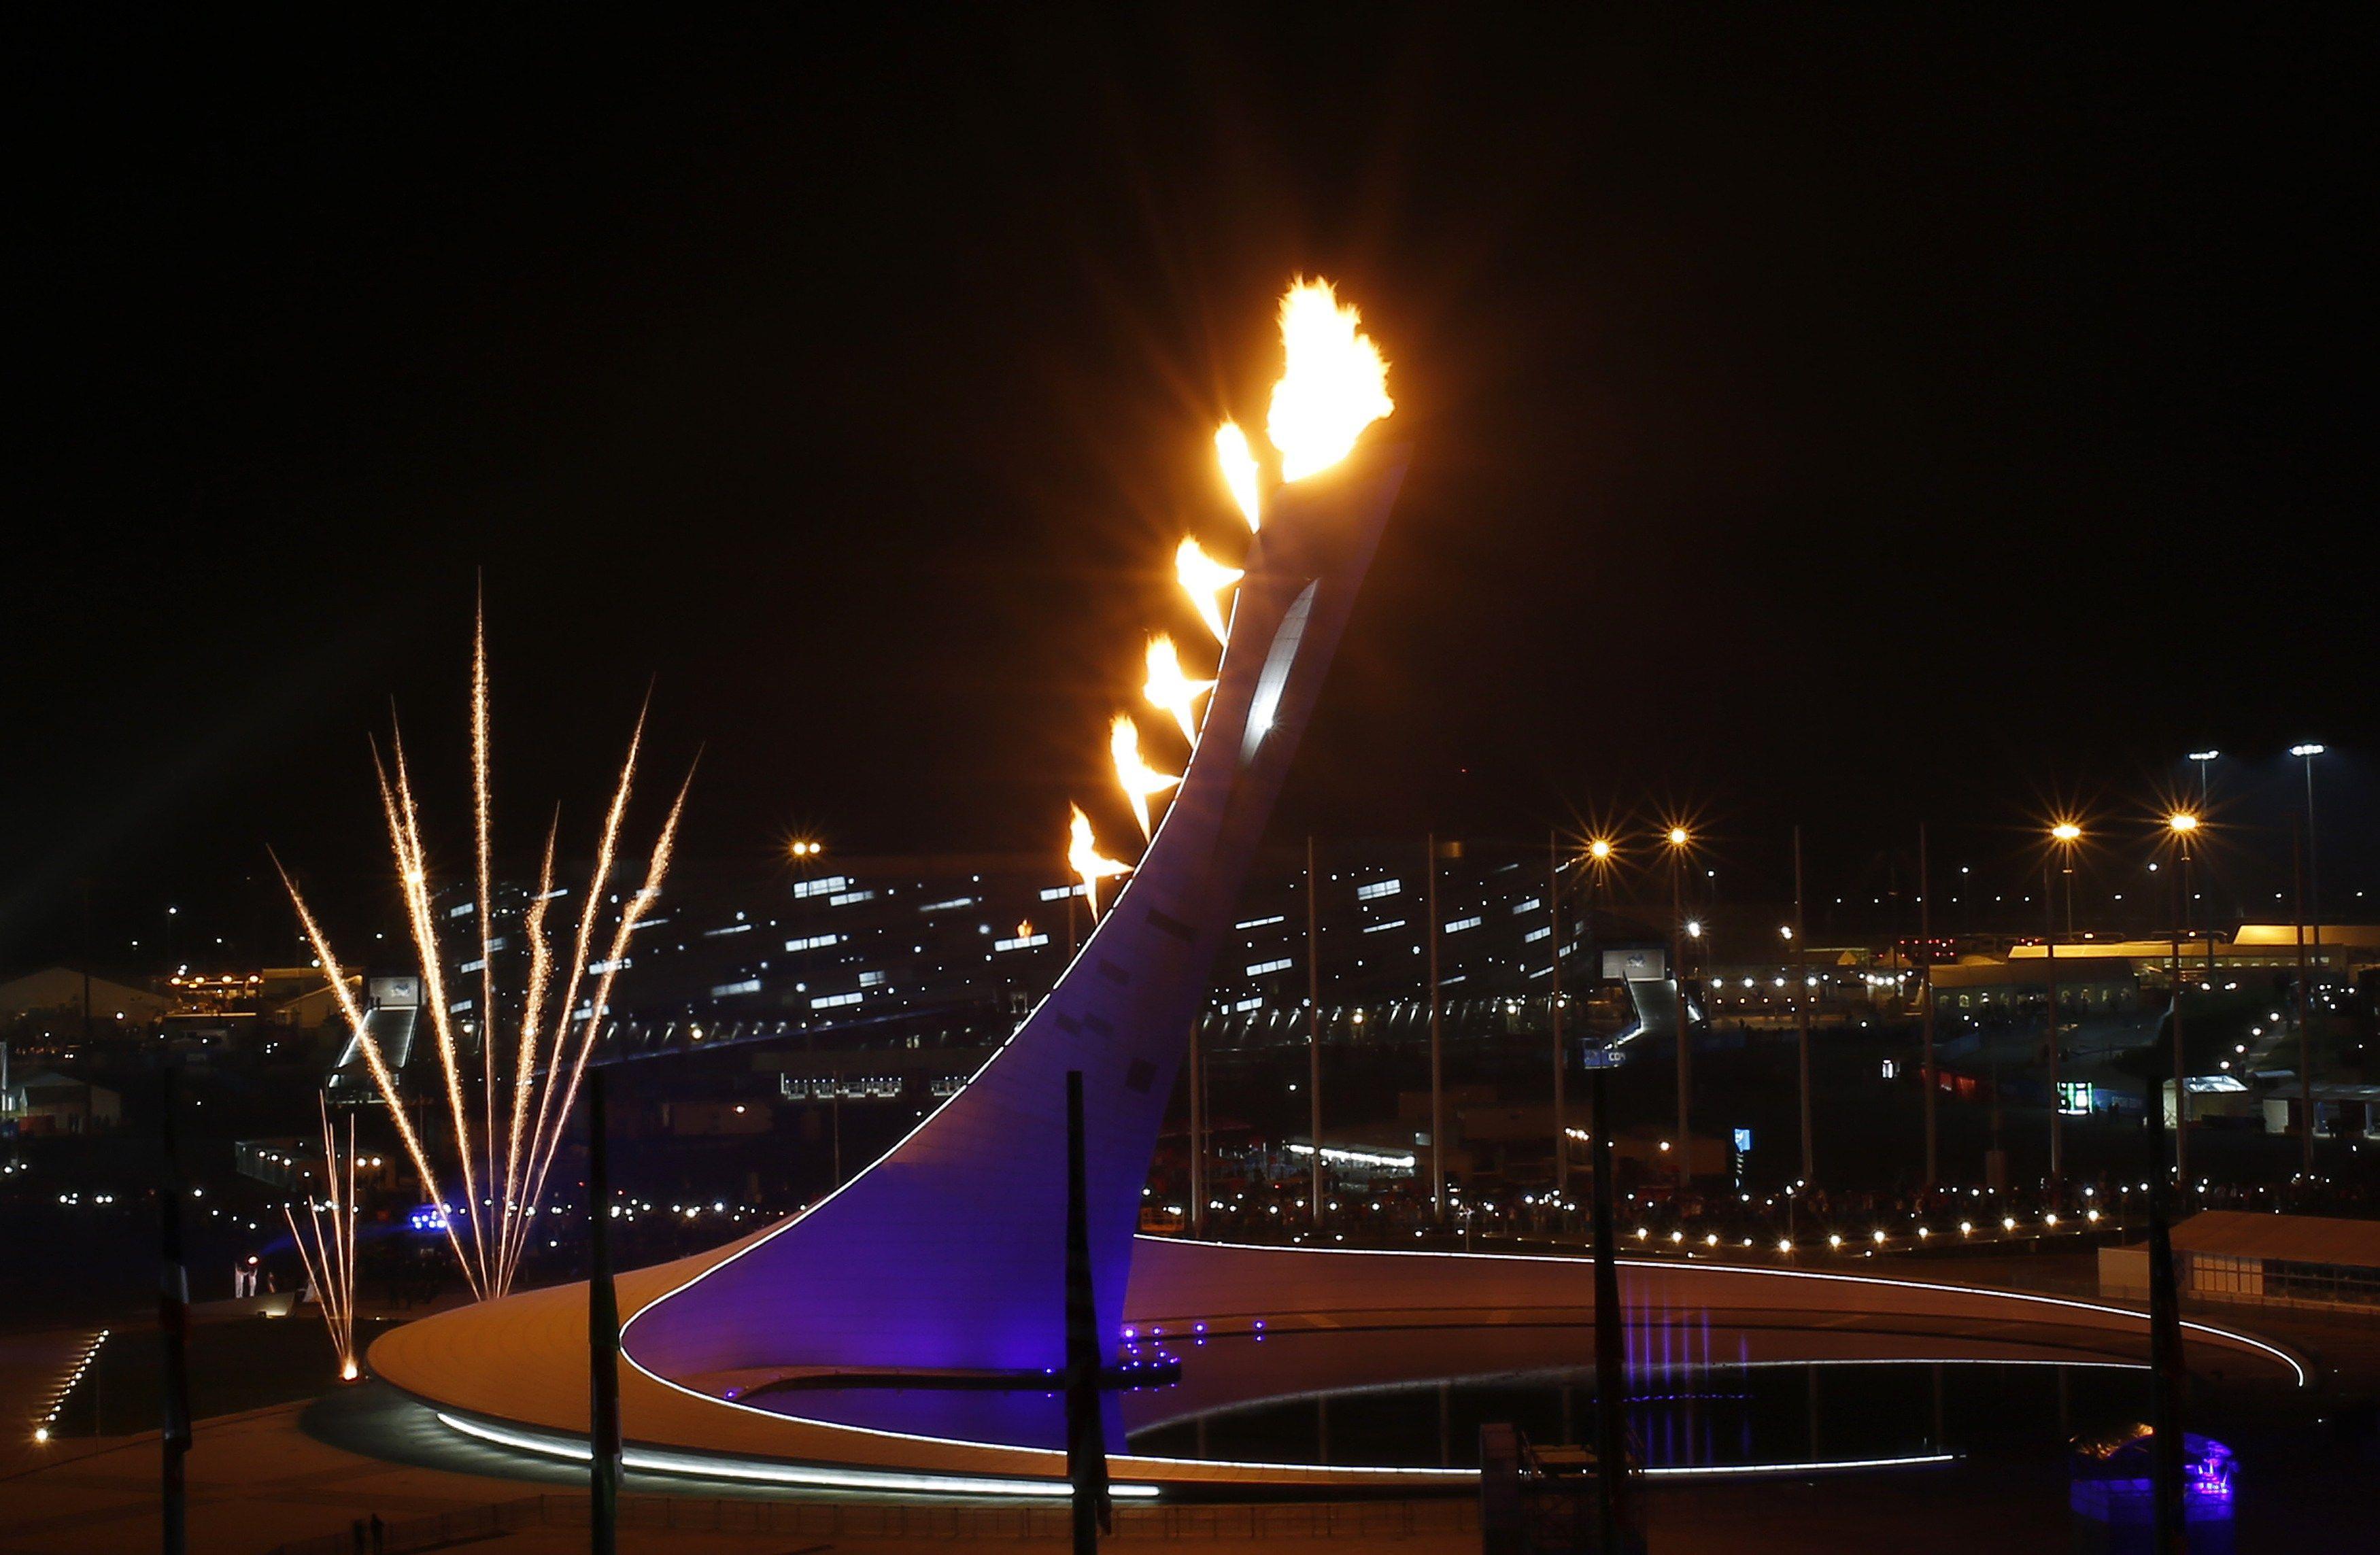 Олимпийский огонь картинка сочи